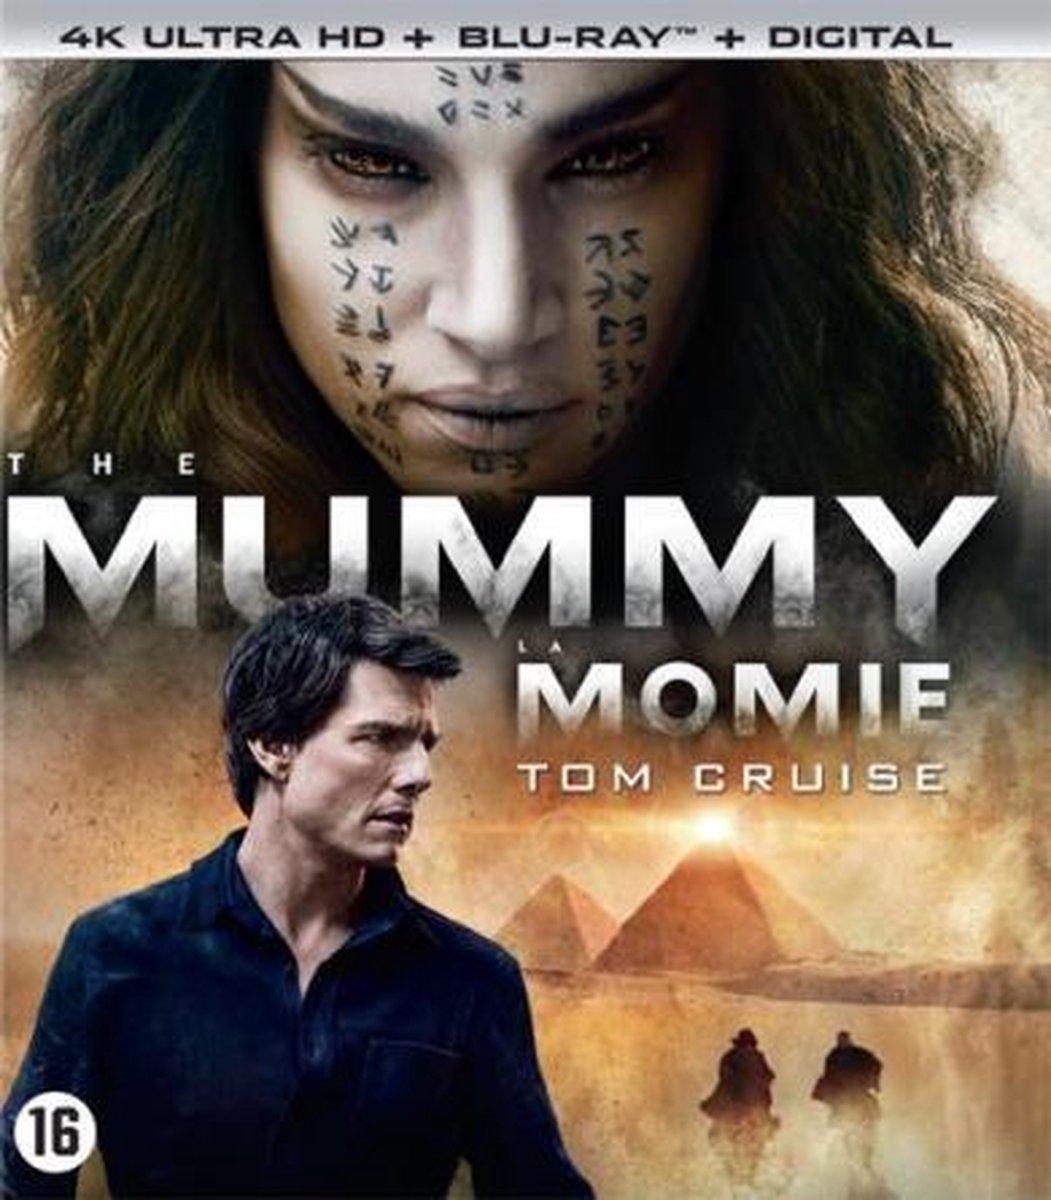 The Mummy (2017) (4K Ultra HD Blu-ray)